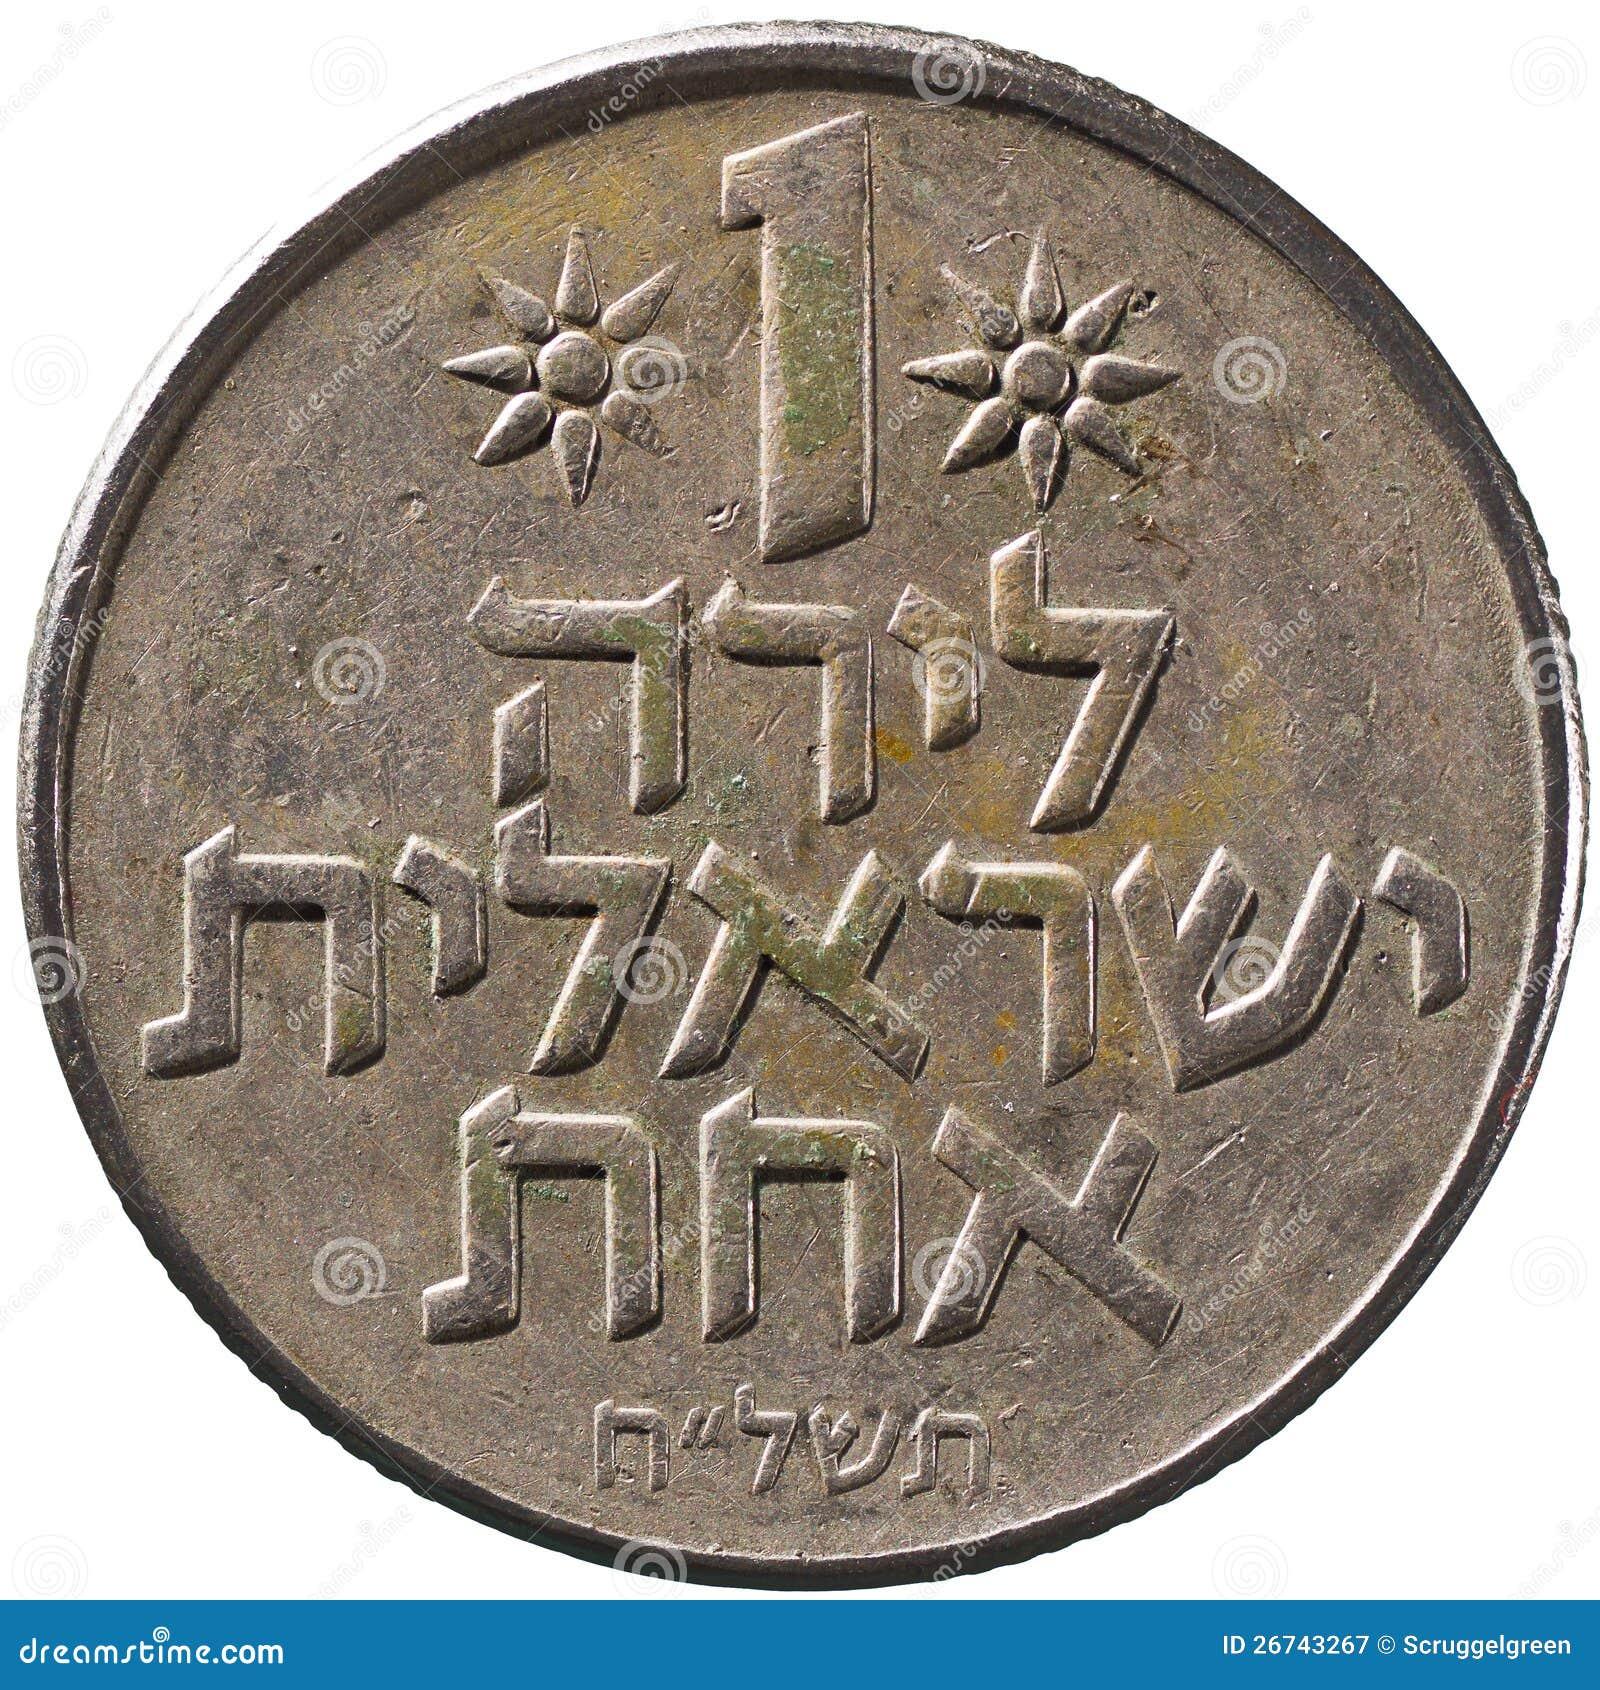 5 shekel coin